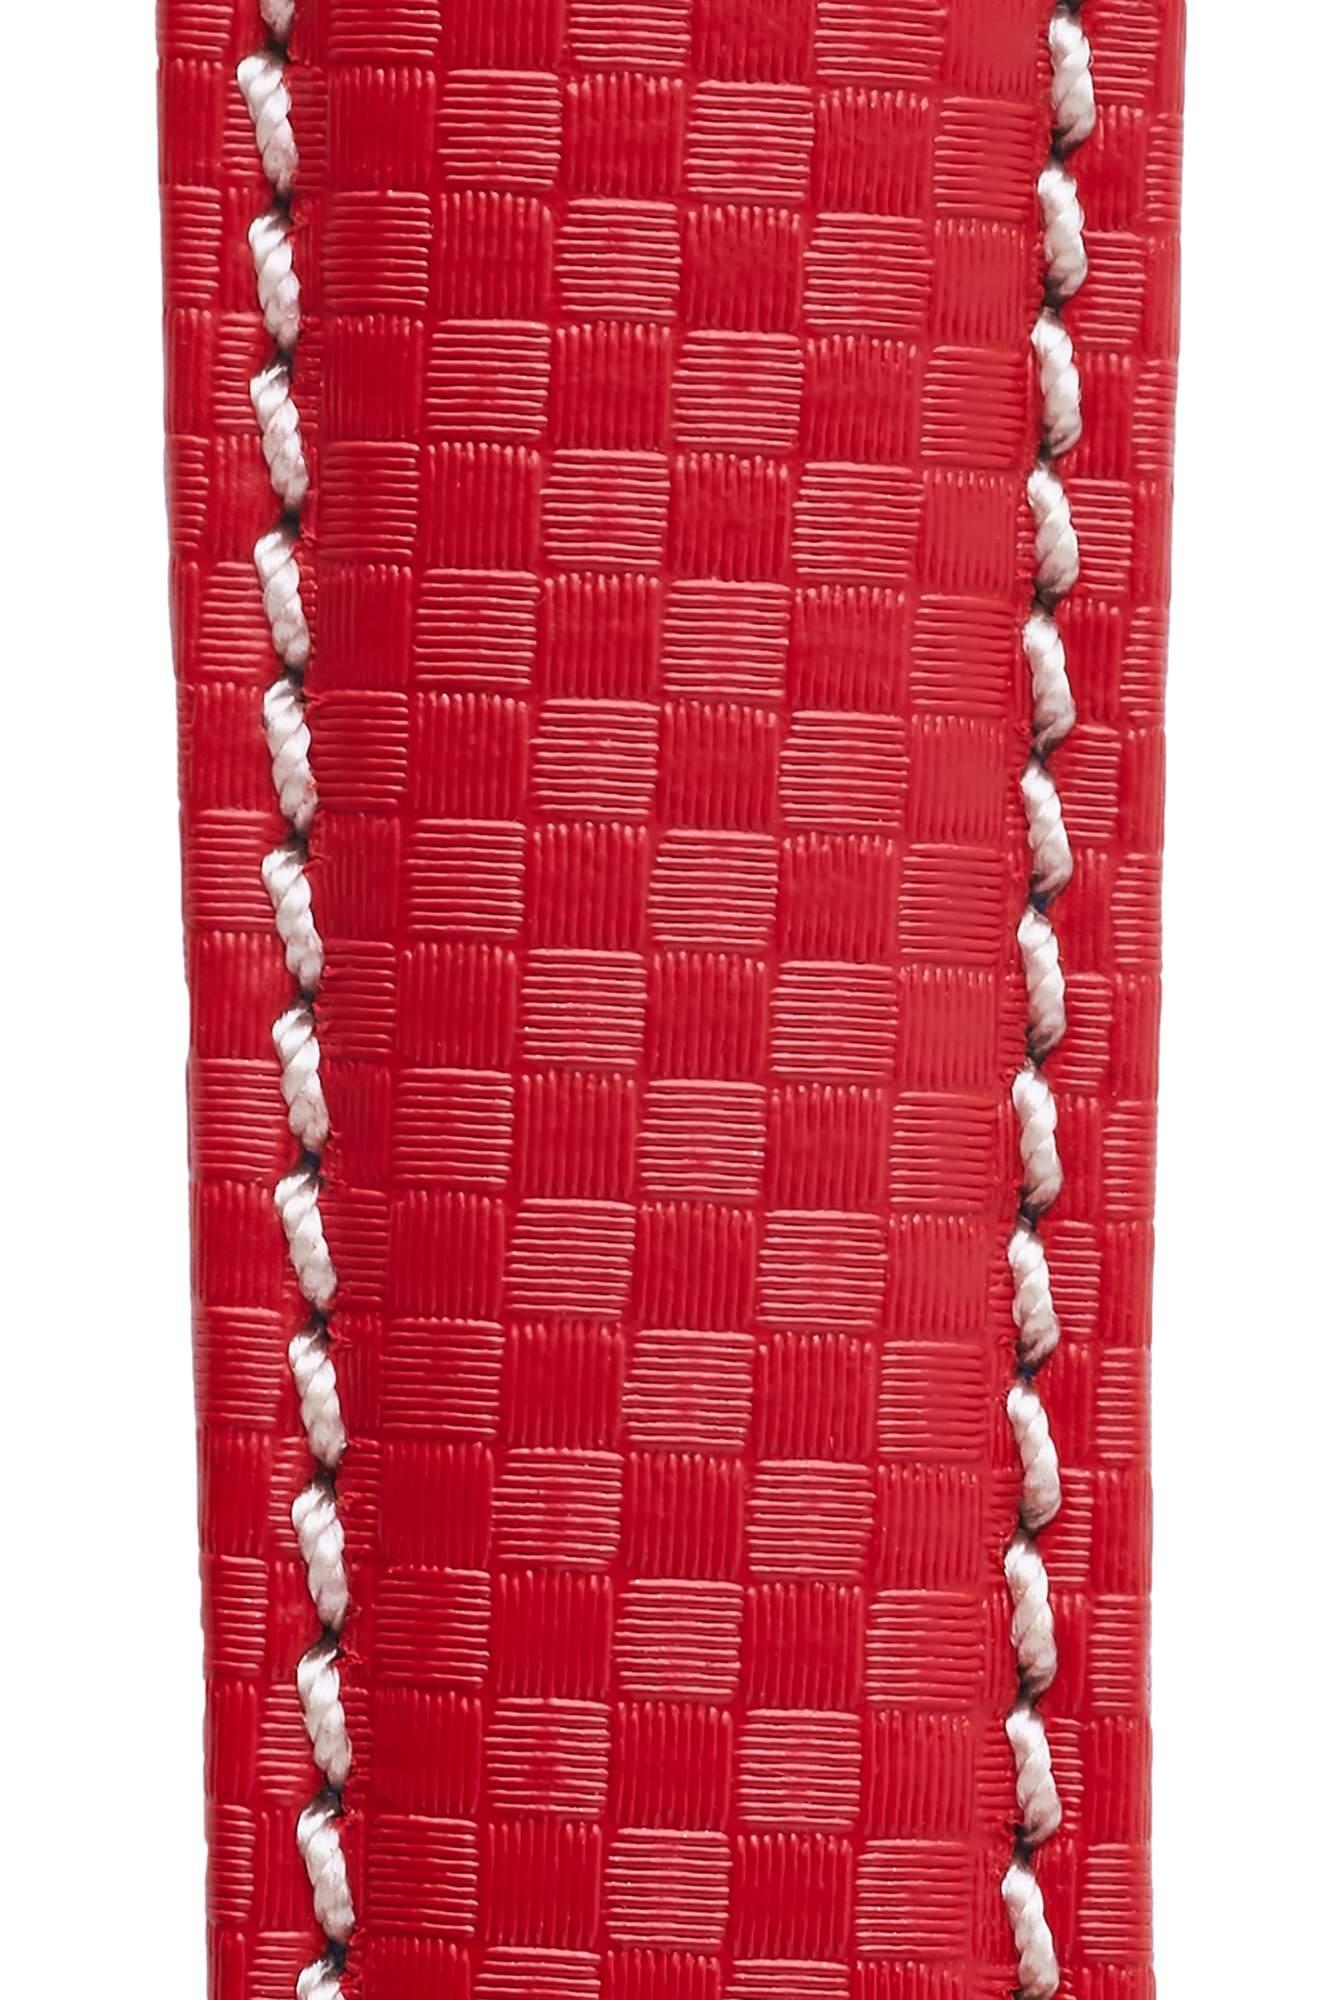 Ремешок для часов Signature 111554-18 красный 18 mm